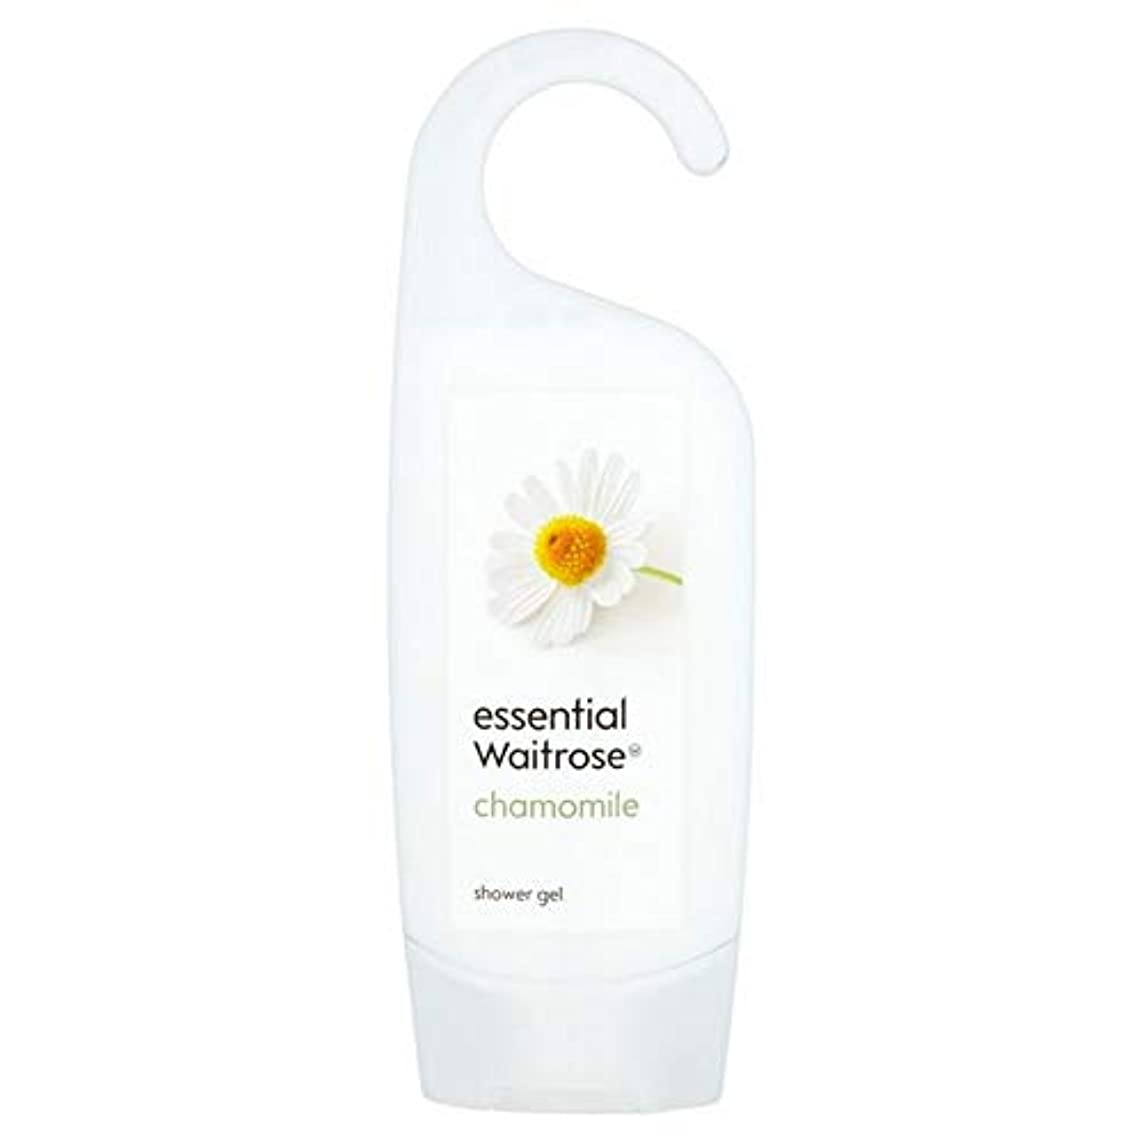 主権者全国成果[Waitrose ] 基本的なウェイトローズカモミールシャワージェル250ミリリットル - Essential Waitrose Chamomile Shower Gel 250ml [並行輸入品]